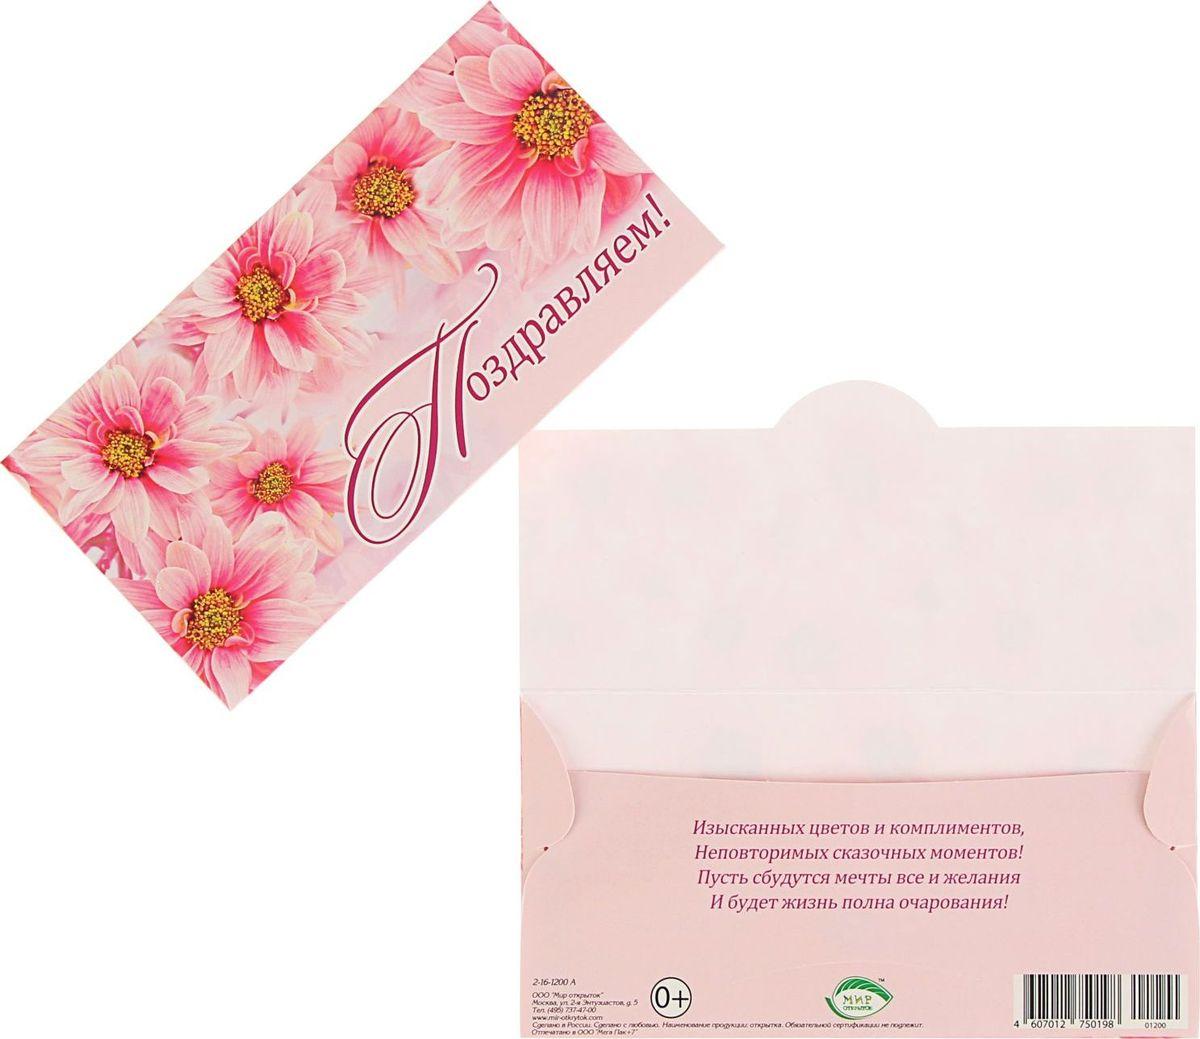 Конверт для денег Мир открыток Поздравляем! Розовые цветы, 16,4 х 8,4 см1796262Конверт для денег Мир открыток Поздравляем! Розовые цветы выполнен из картона с красивым дизайном. Невозможно представить нашу жизнь без праздников! Мы всегда ждем их и предвкушаем, обдумываем, как проведем памятный день, тщательно выбираем подарки и аксессуары, ведь именно они создают и поддерживают торжественный настрой. Этот конверт - отличный выбор, который привнесет атмосферу праздника в ваш дом!